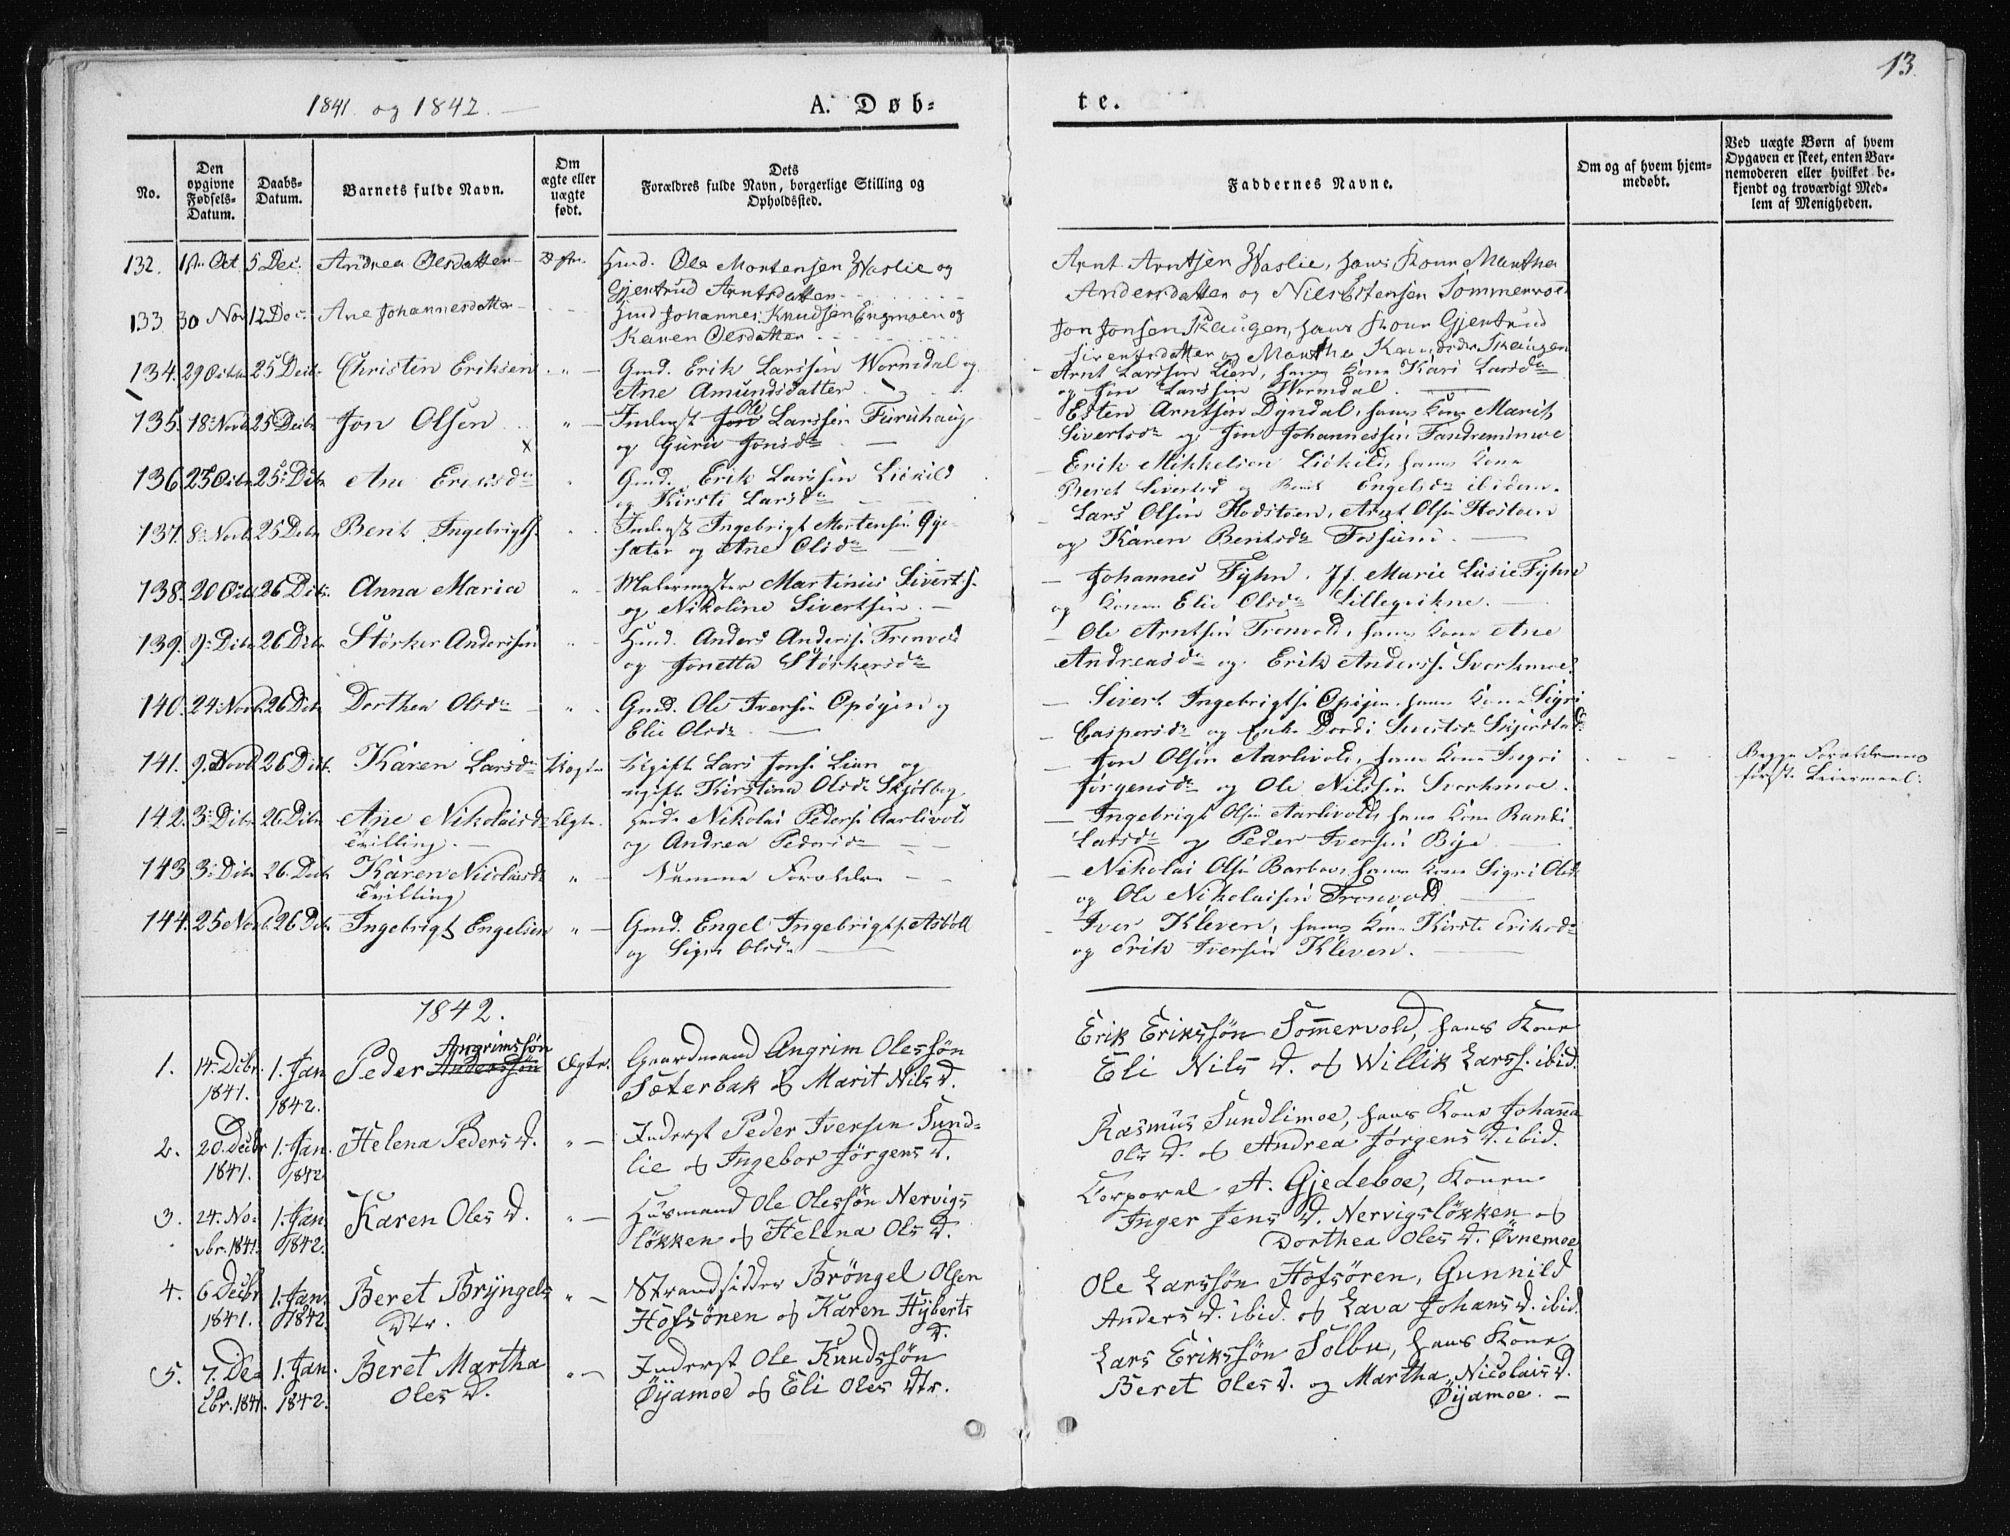 SAT, Ministerialprotokoller, klokkerbøker og fødselsregistre - Sør-Trøndelag, 668/L0805: Ministerialbok nr. 668A05, 1840-1853, s. 13